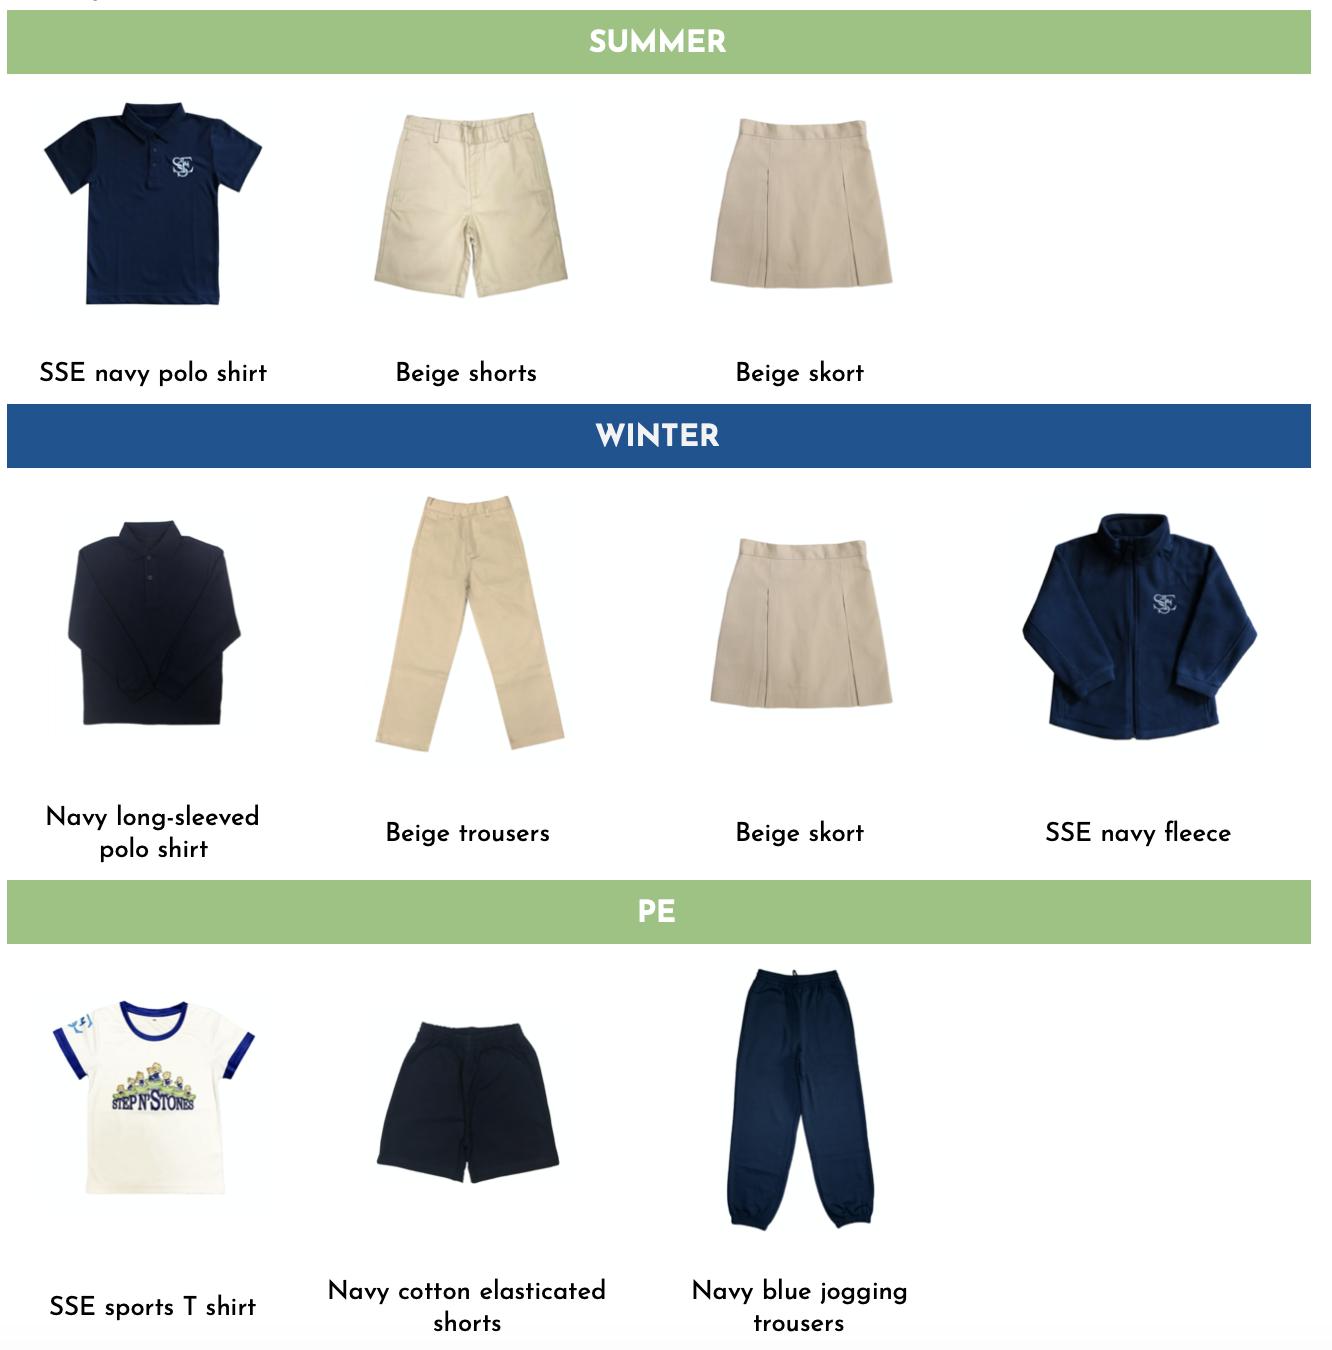 sse-uniform-guide-2020.png